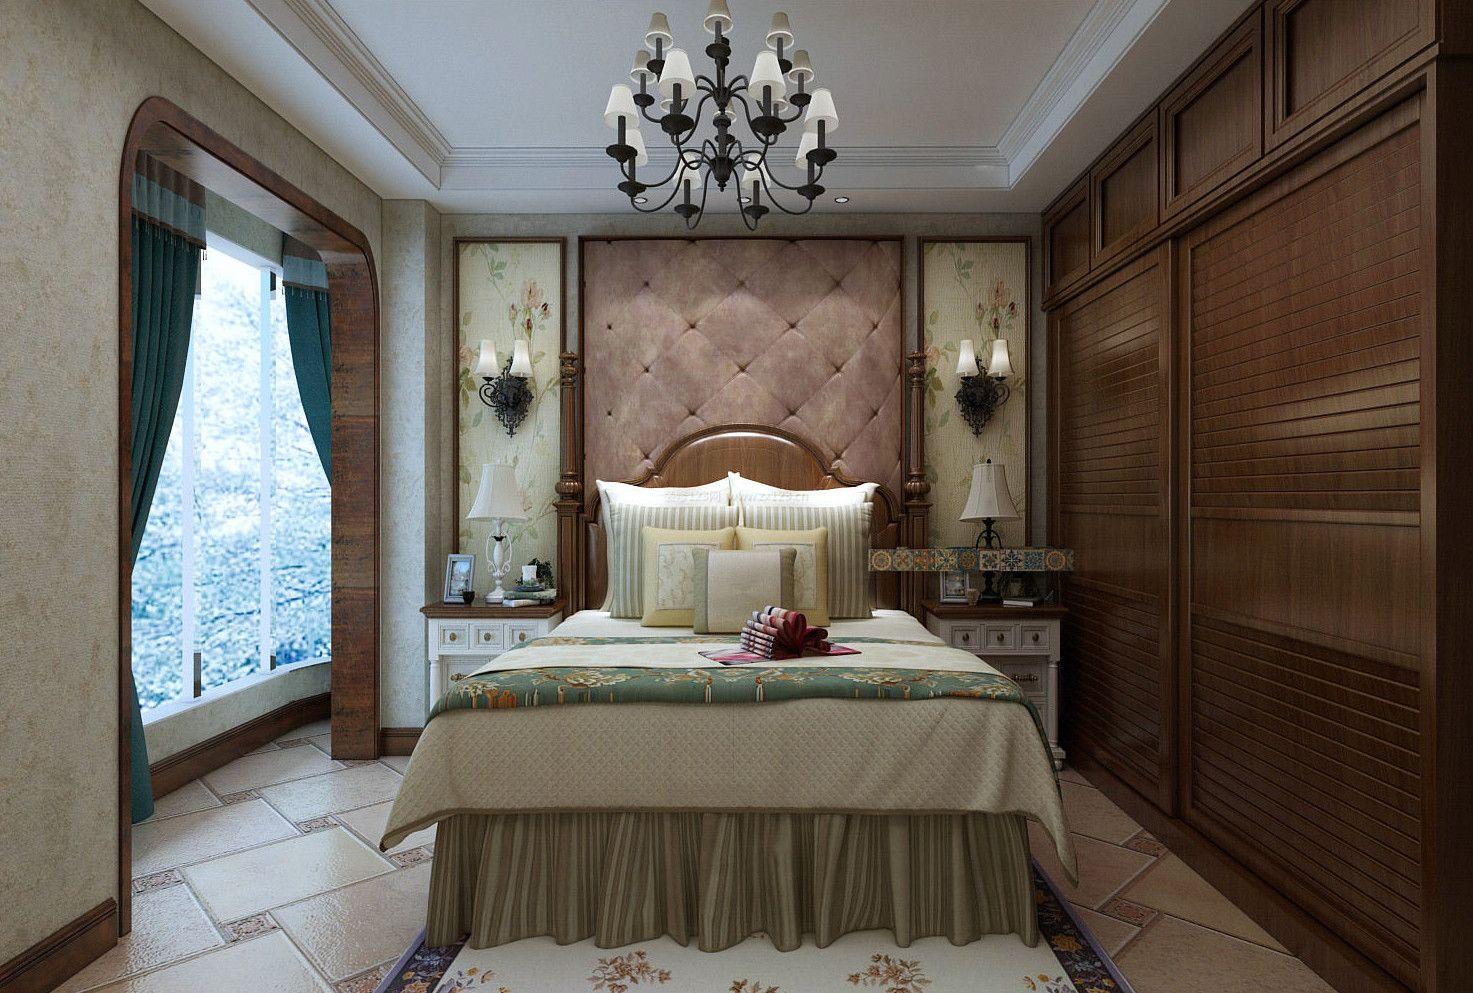 美式卧室床头软包背景墙装修效果大全2017图片